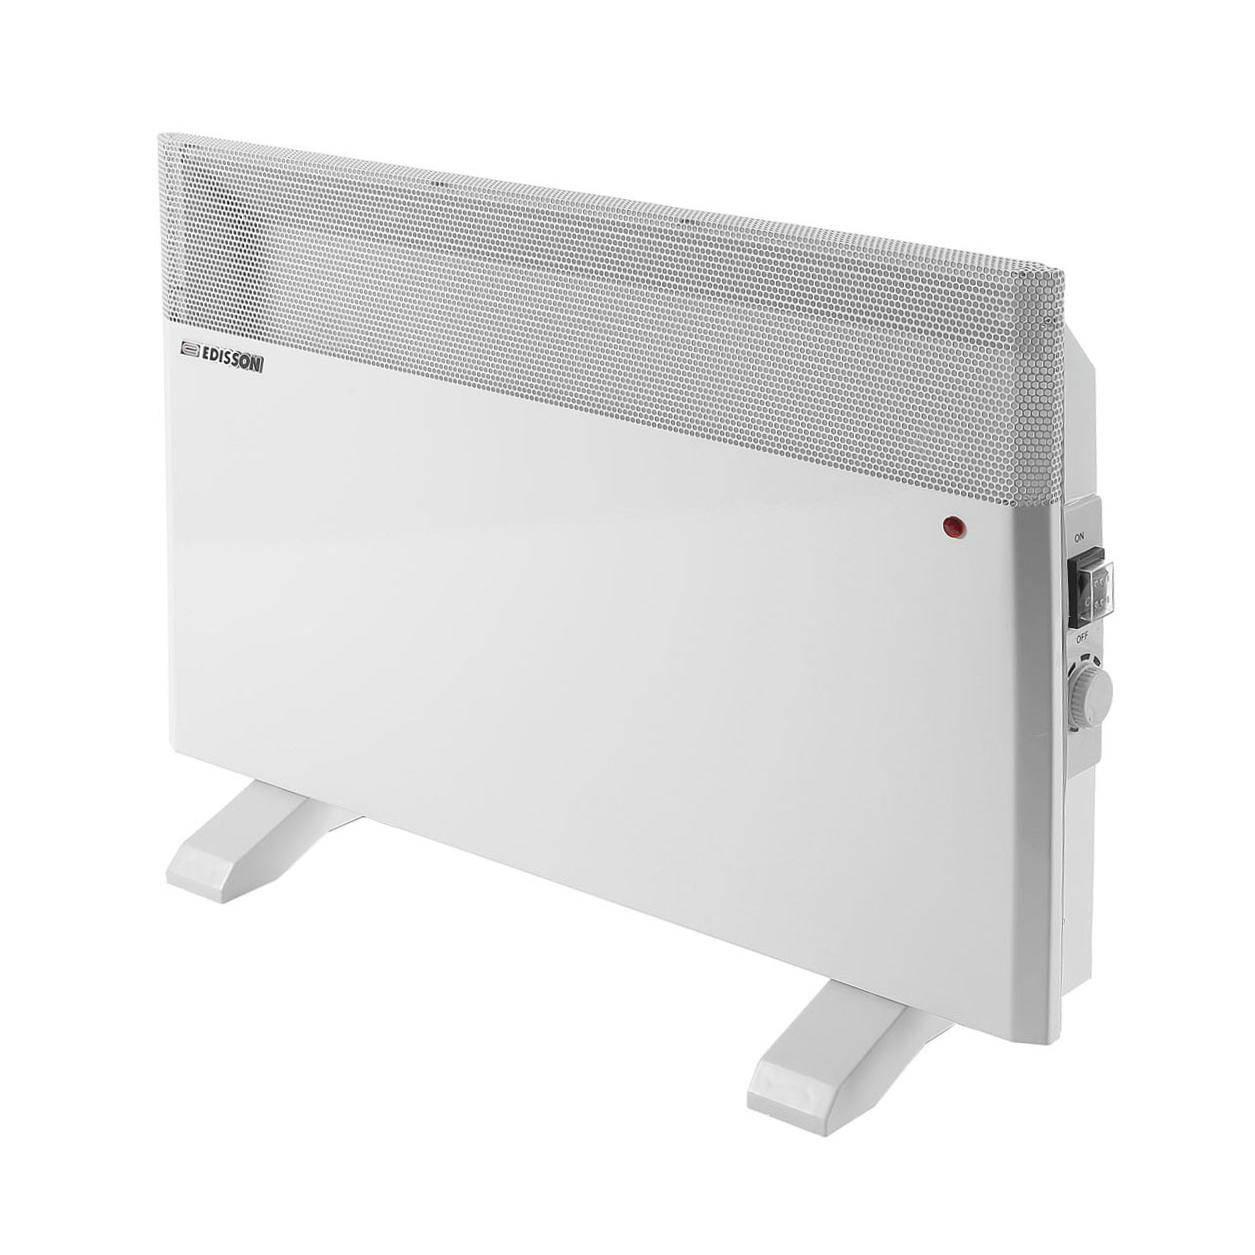 Выбираем электрический масляный радиатор для отопления дома